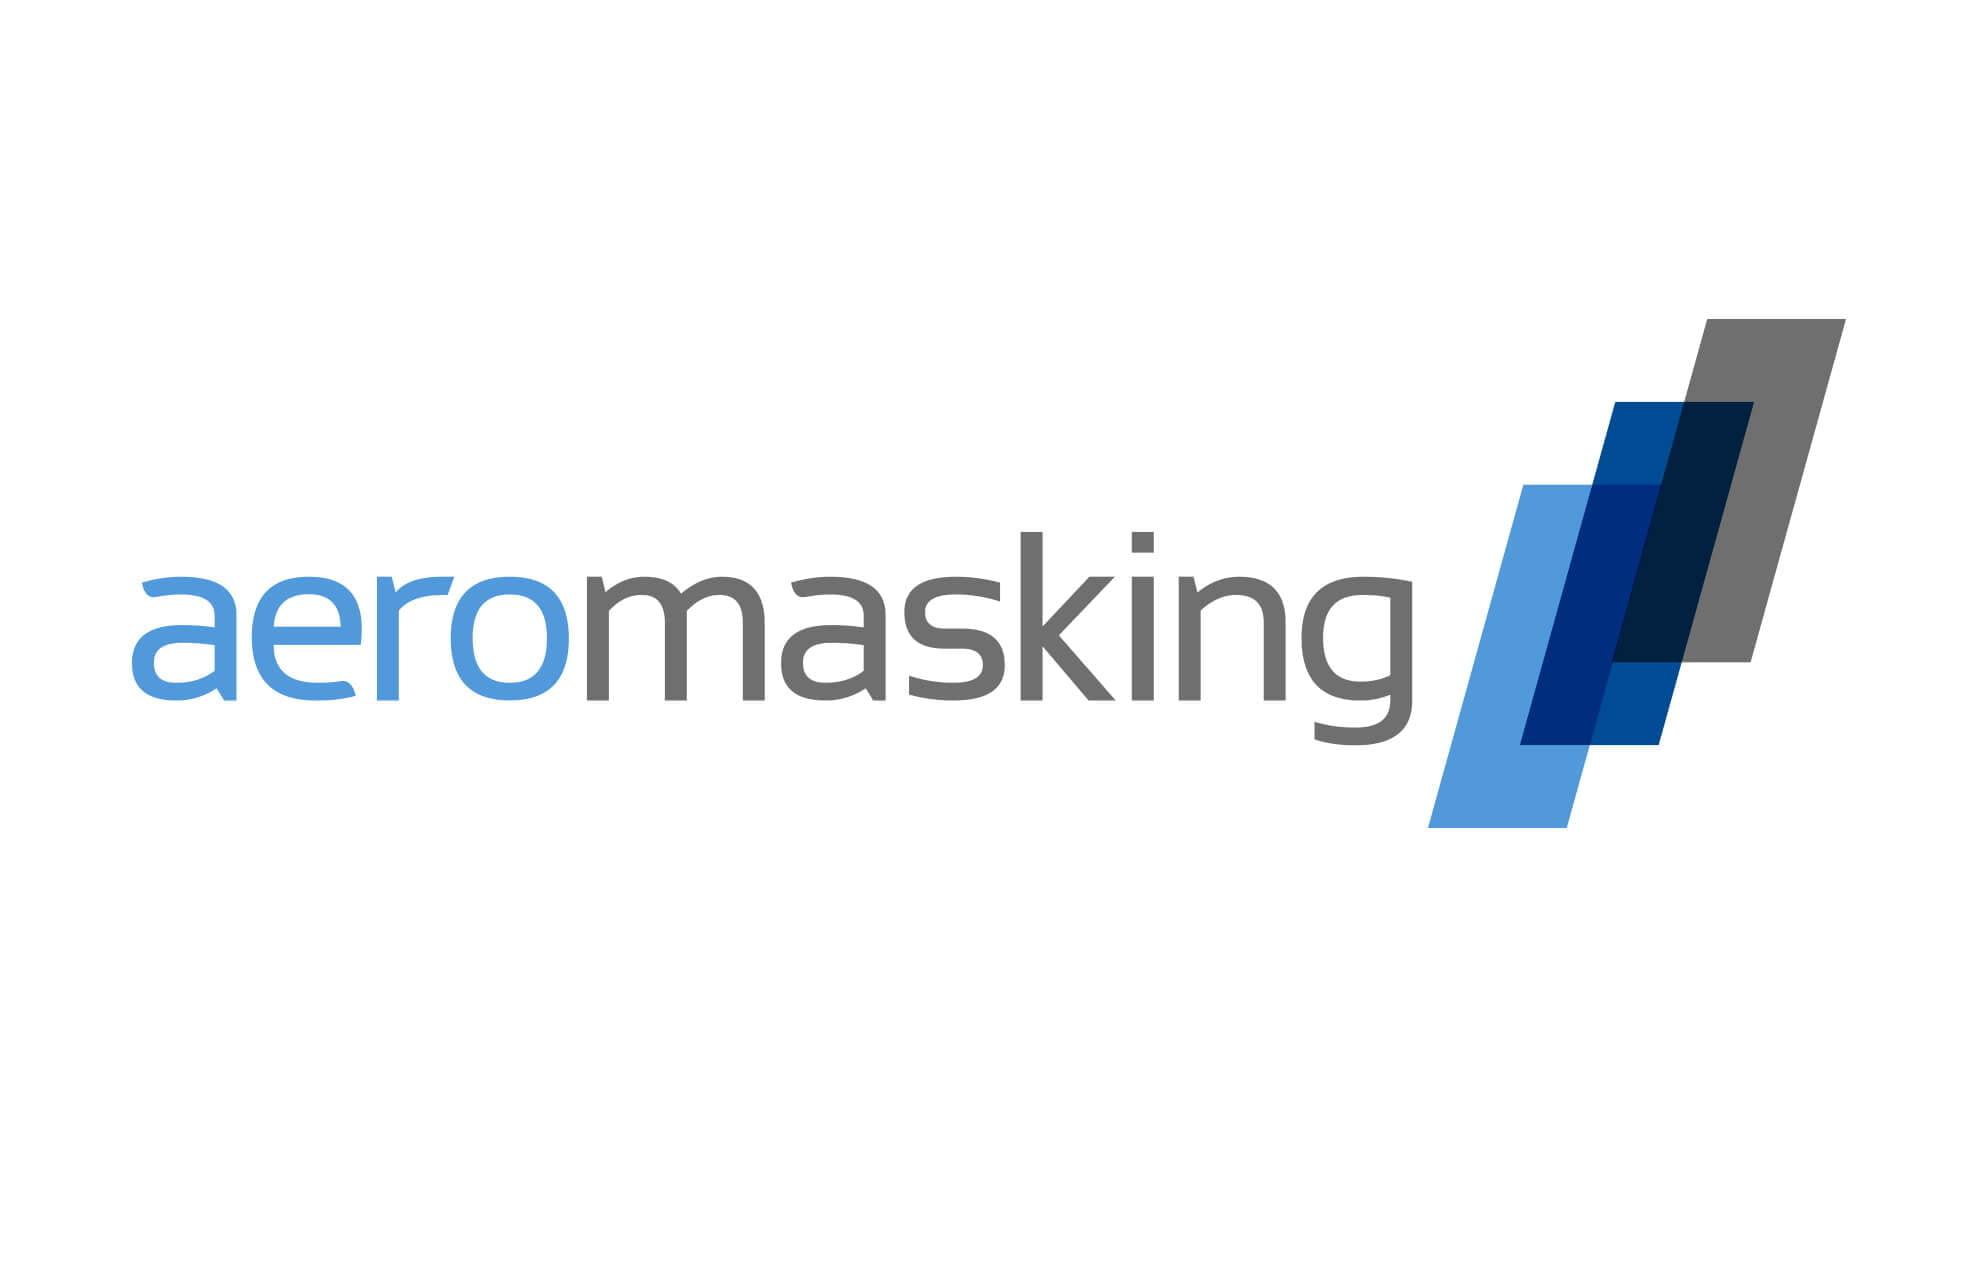 Branding logotype graphic design Barcelona1 - Creación de branding para aeronáutica